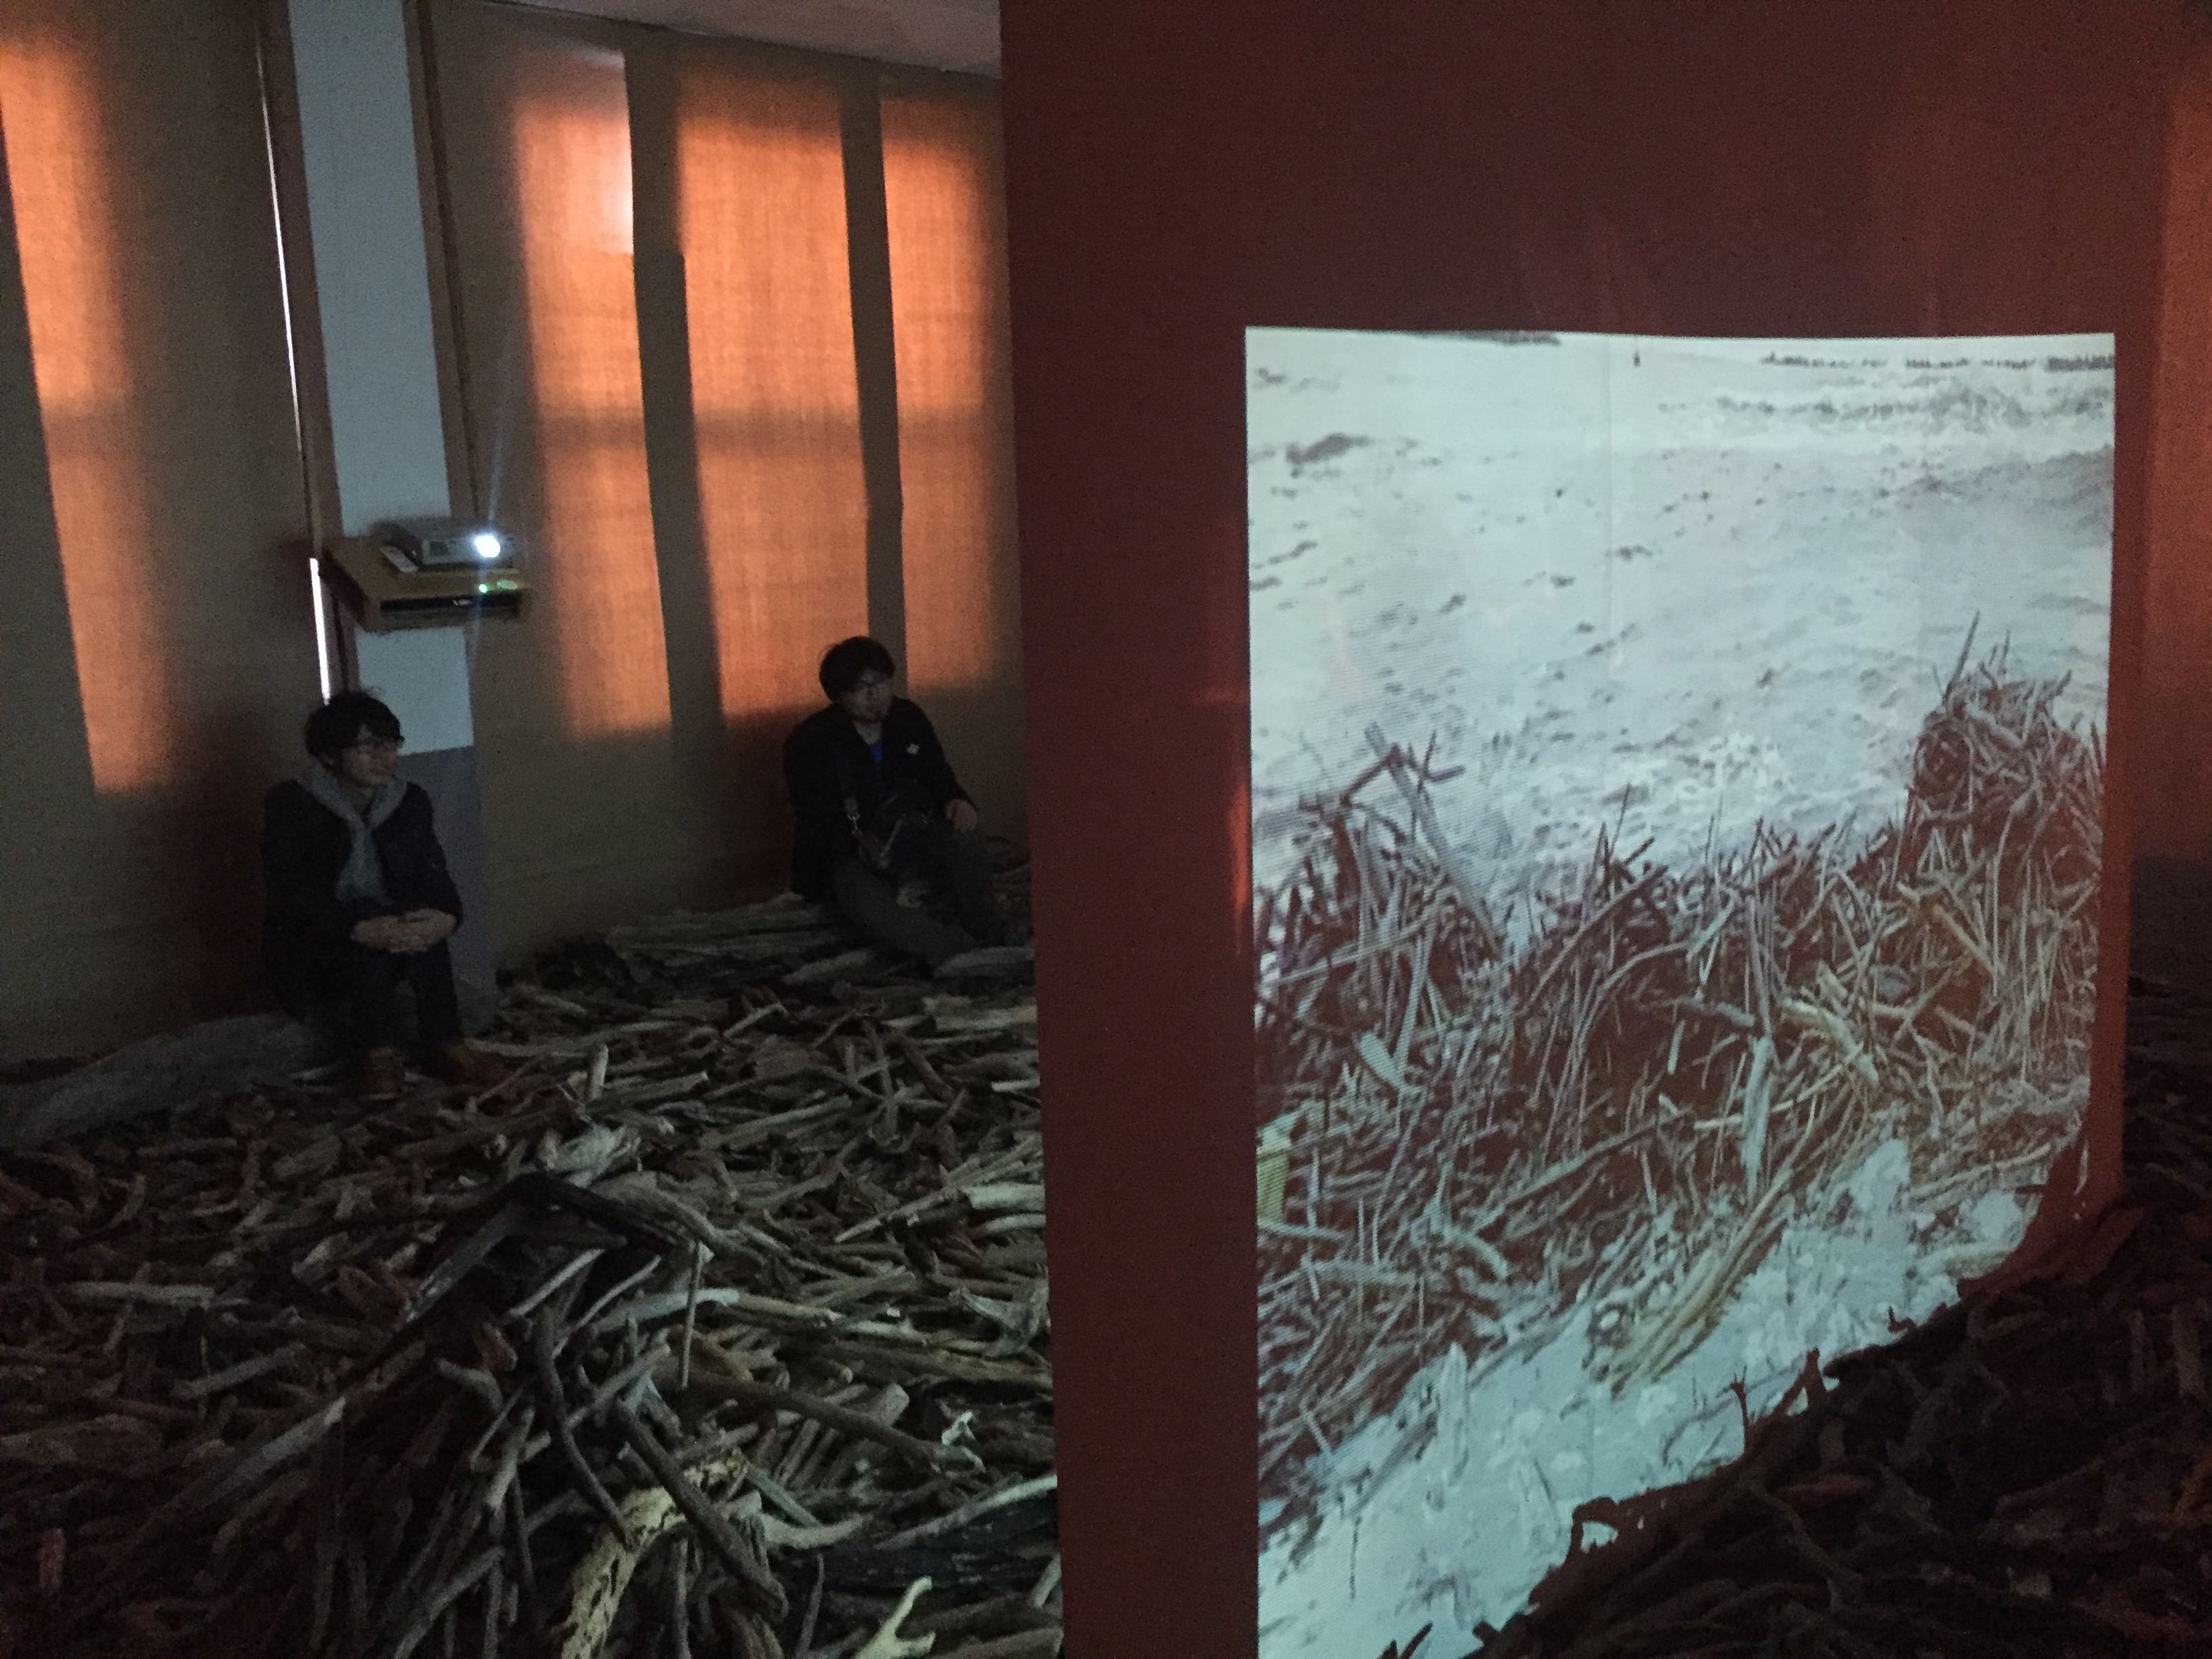 恋島公民館での展示の様子